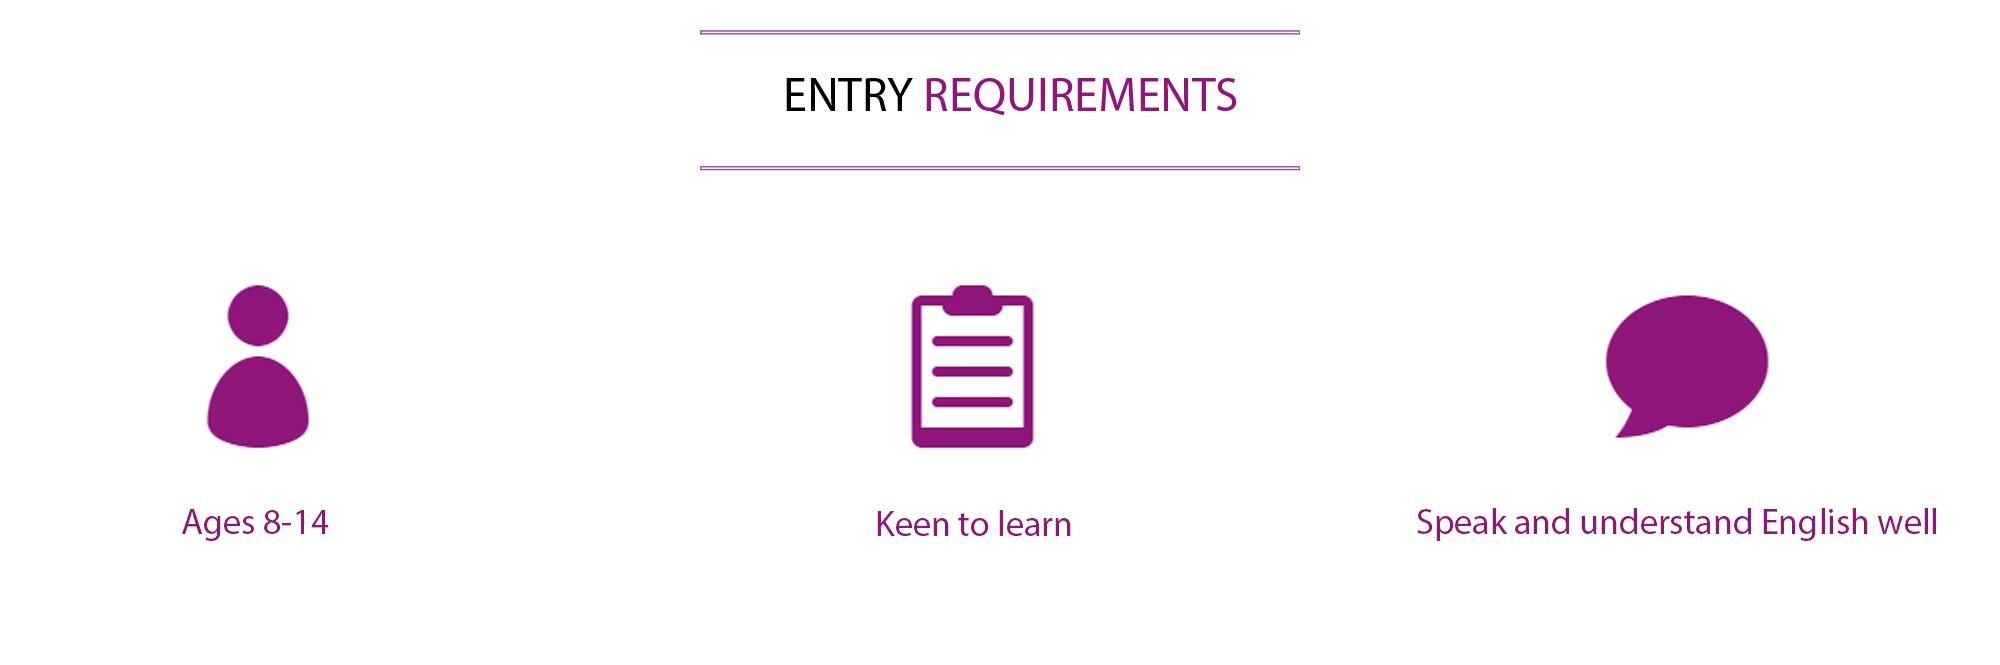 debate--skills-entry-requirements.jpg